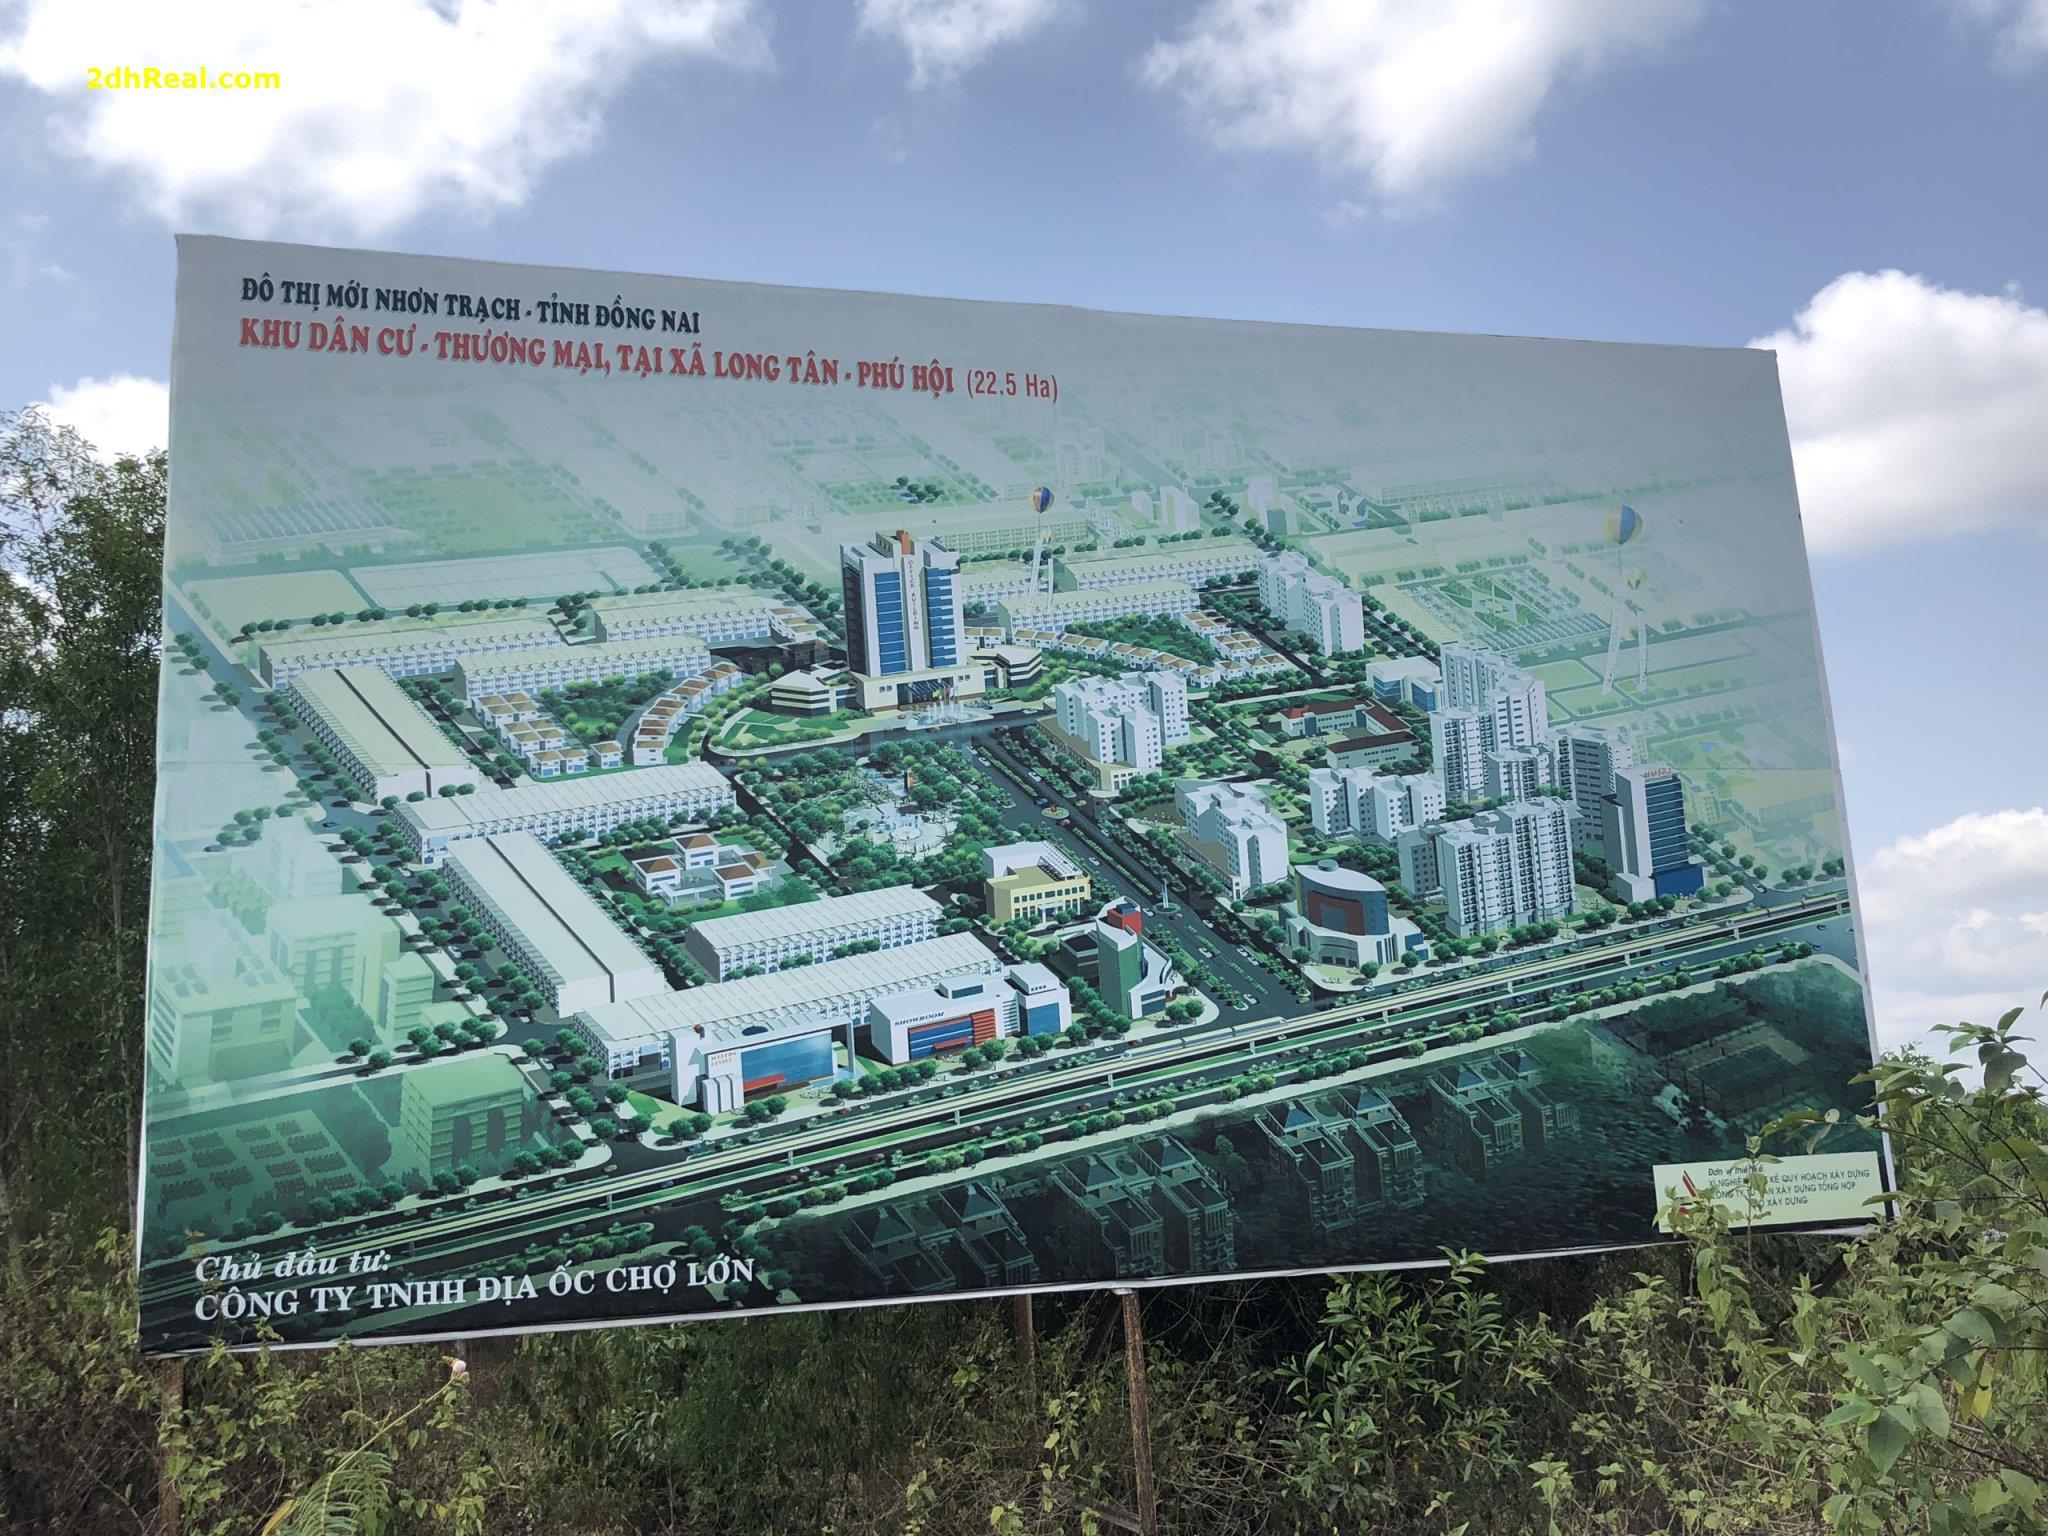 Bán dự án Địa Ốc Chợ Lớn 23 ha huyện Nhơn Trạch tỉnh Đồng Nai